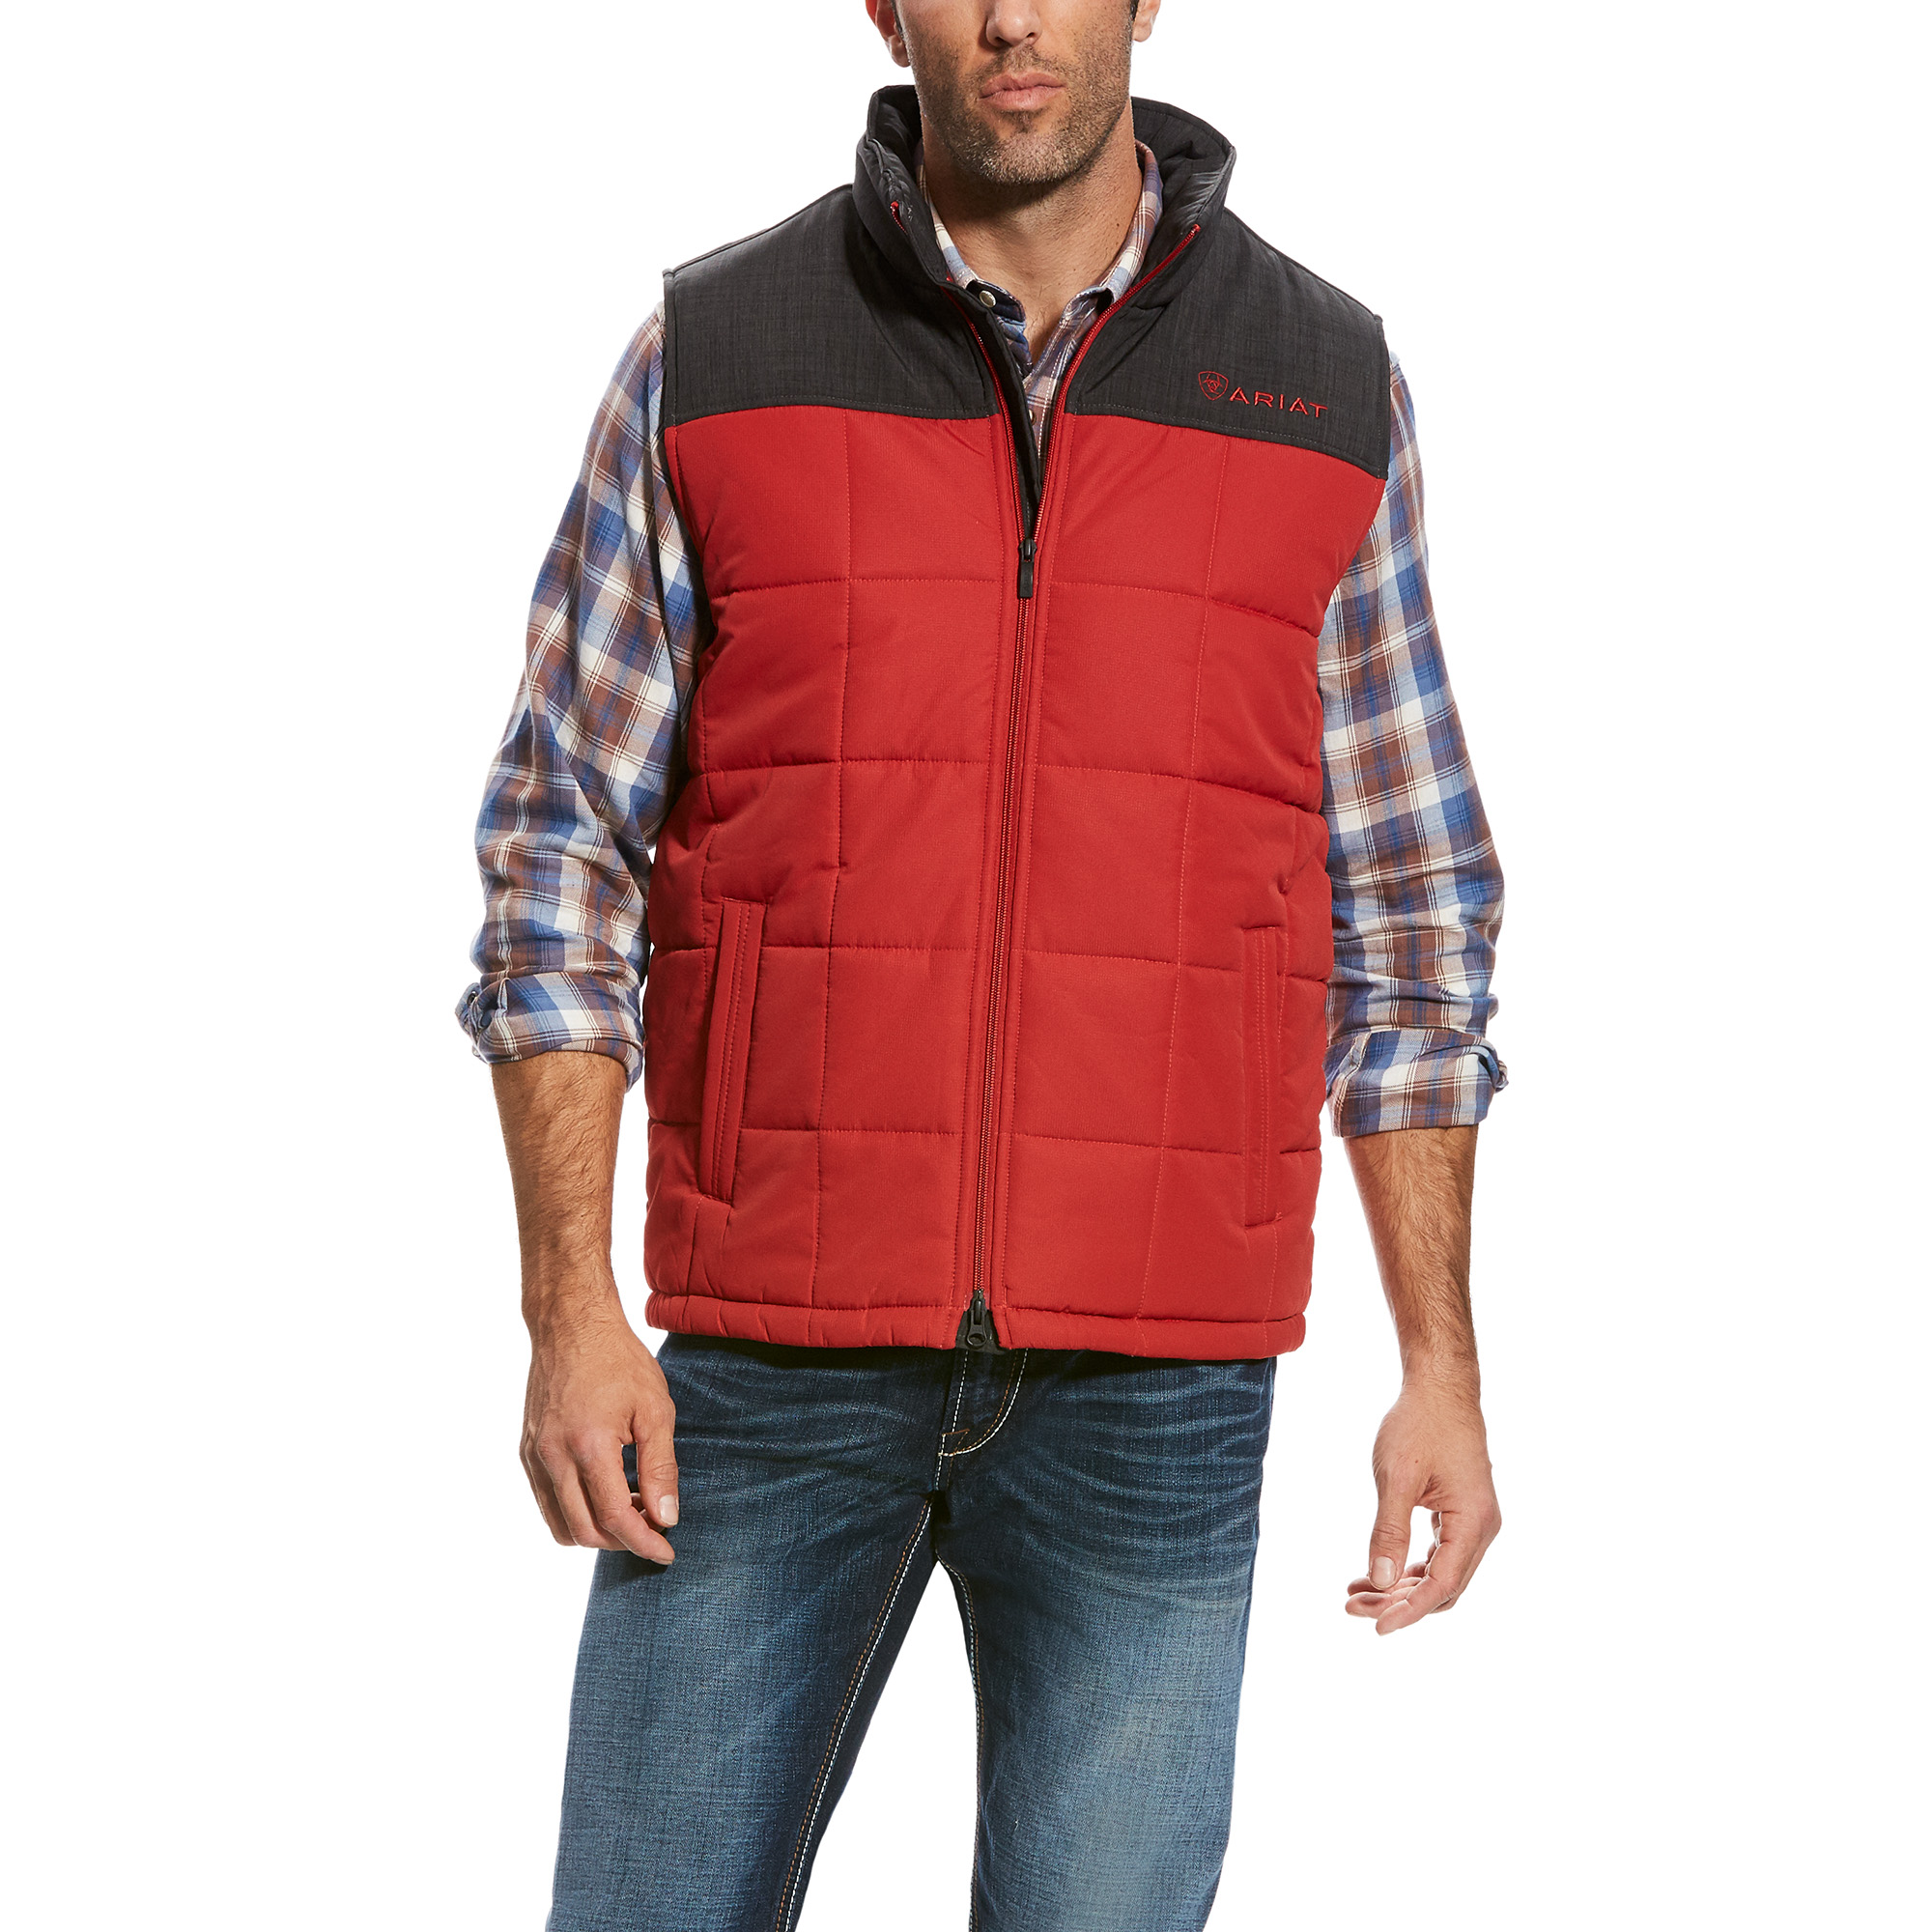 Men's Crius Vest from Ariat